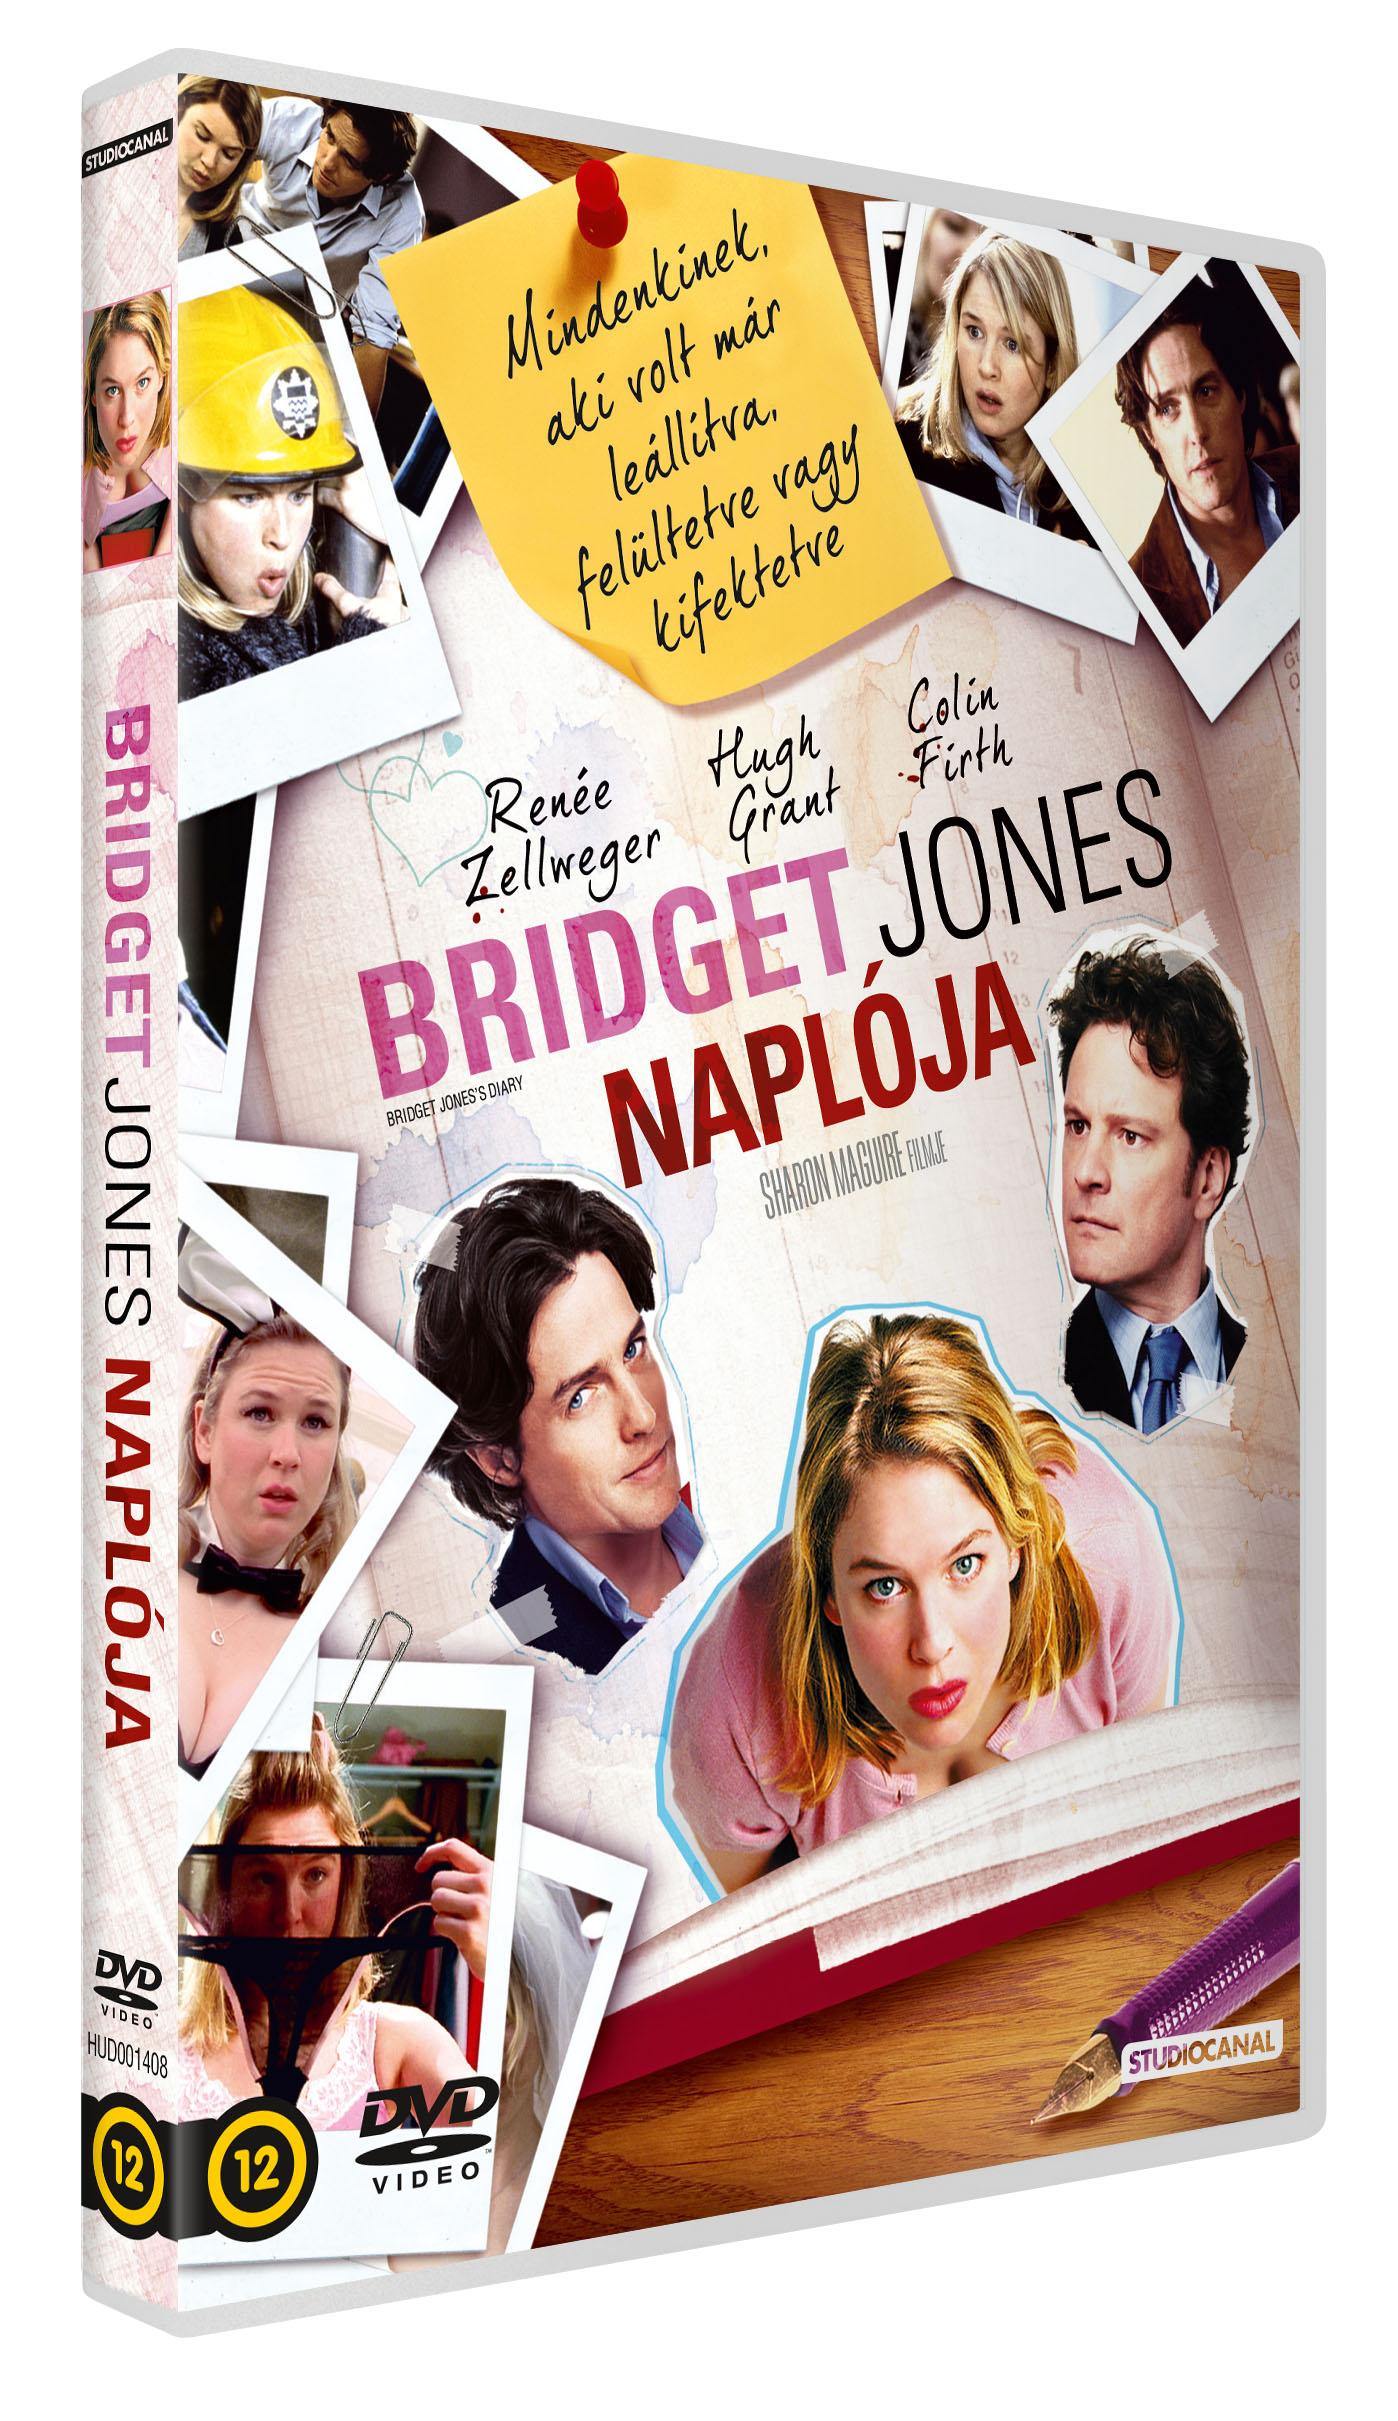 bridget_jones_diary_hud001408_3d.jpg